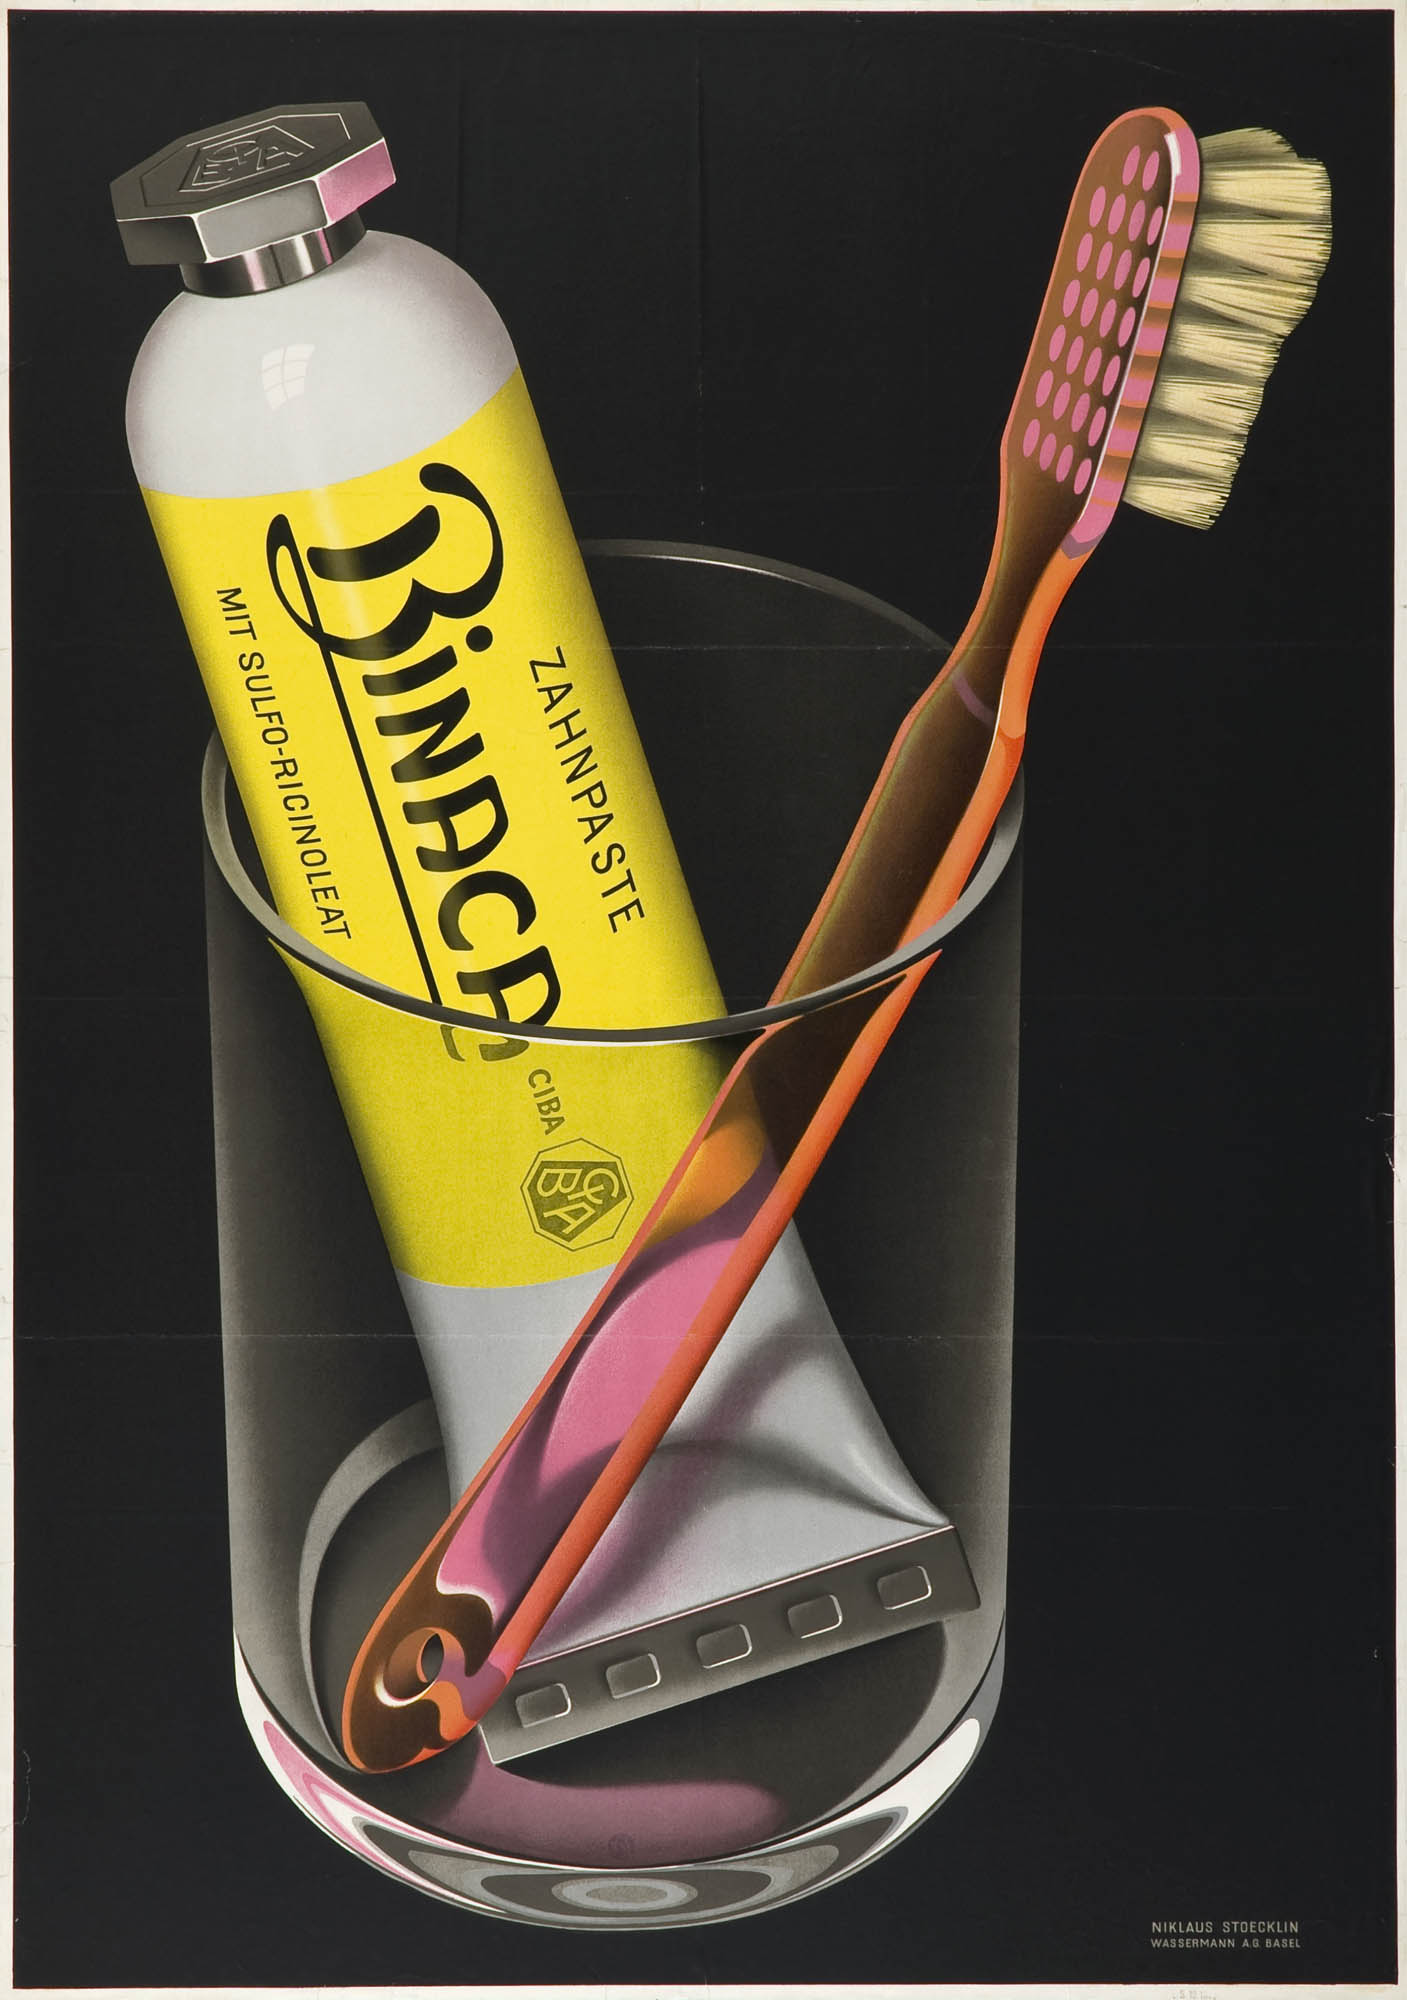 Sonnenschutz Bi Oro Niklaus Stoecklin Poster